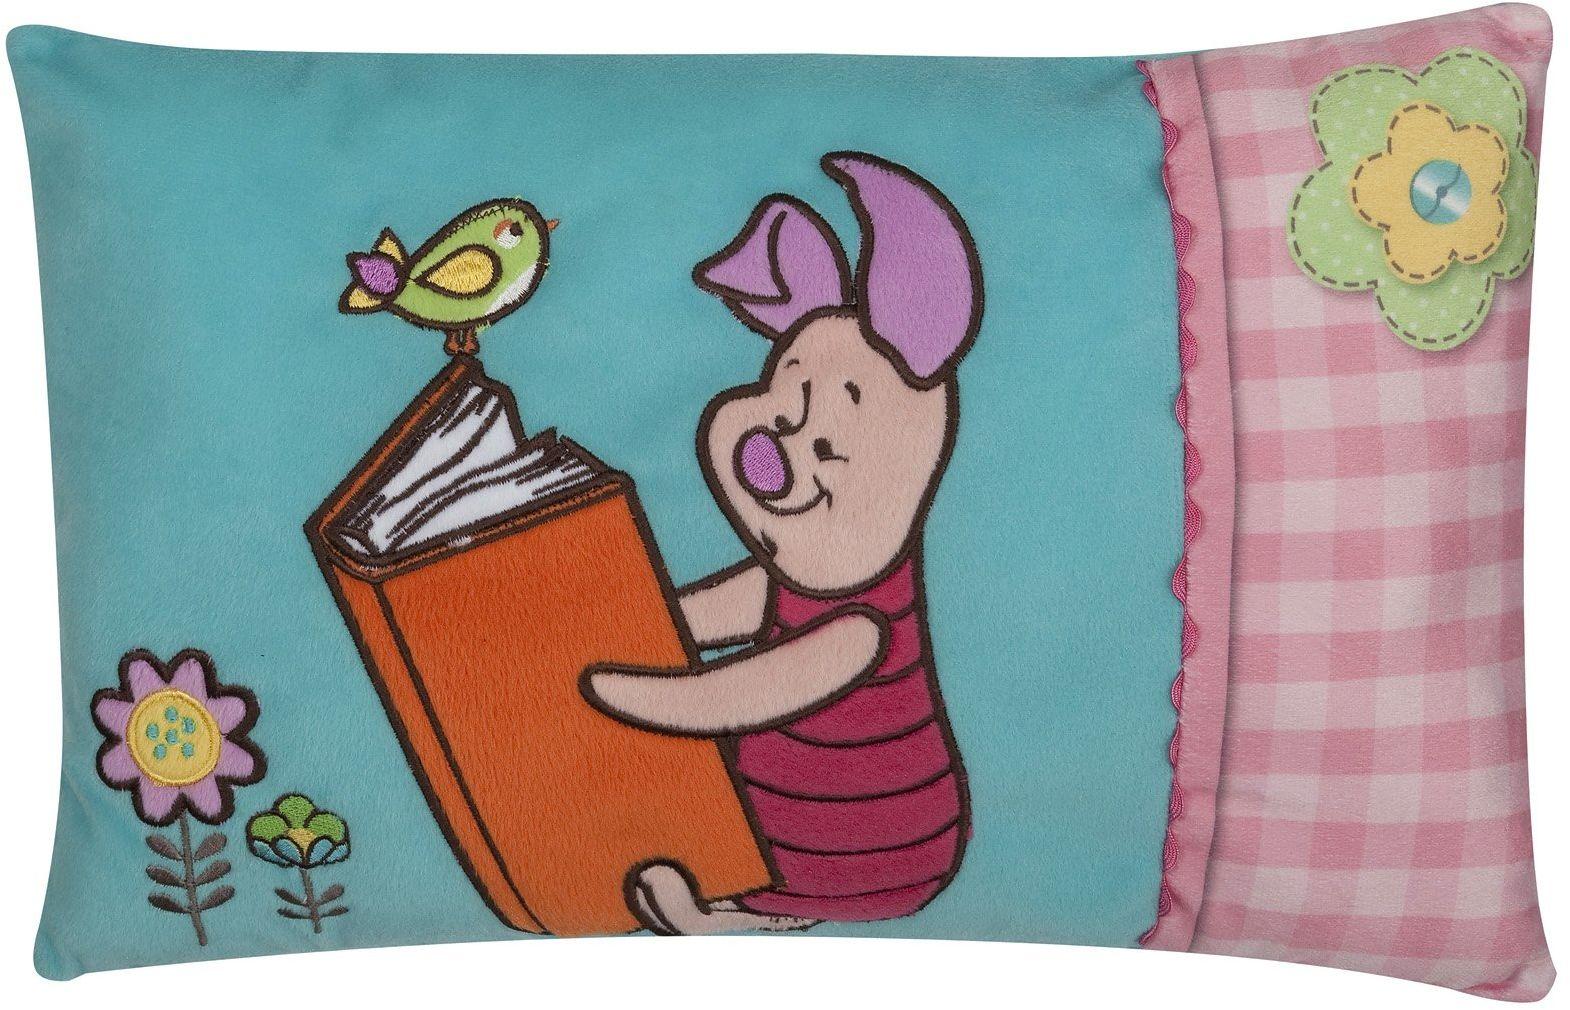 Joy Toy 15229 - Kubuś Puchatek poduszka haftowana, 42 x 28 cm